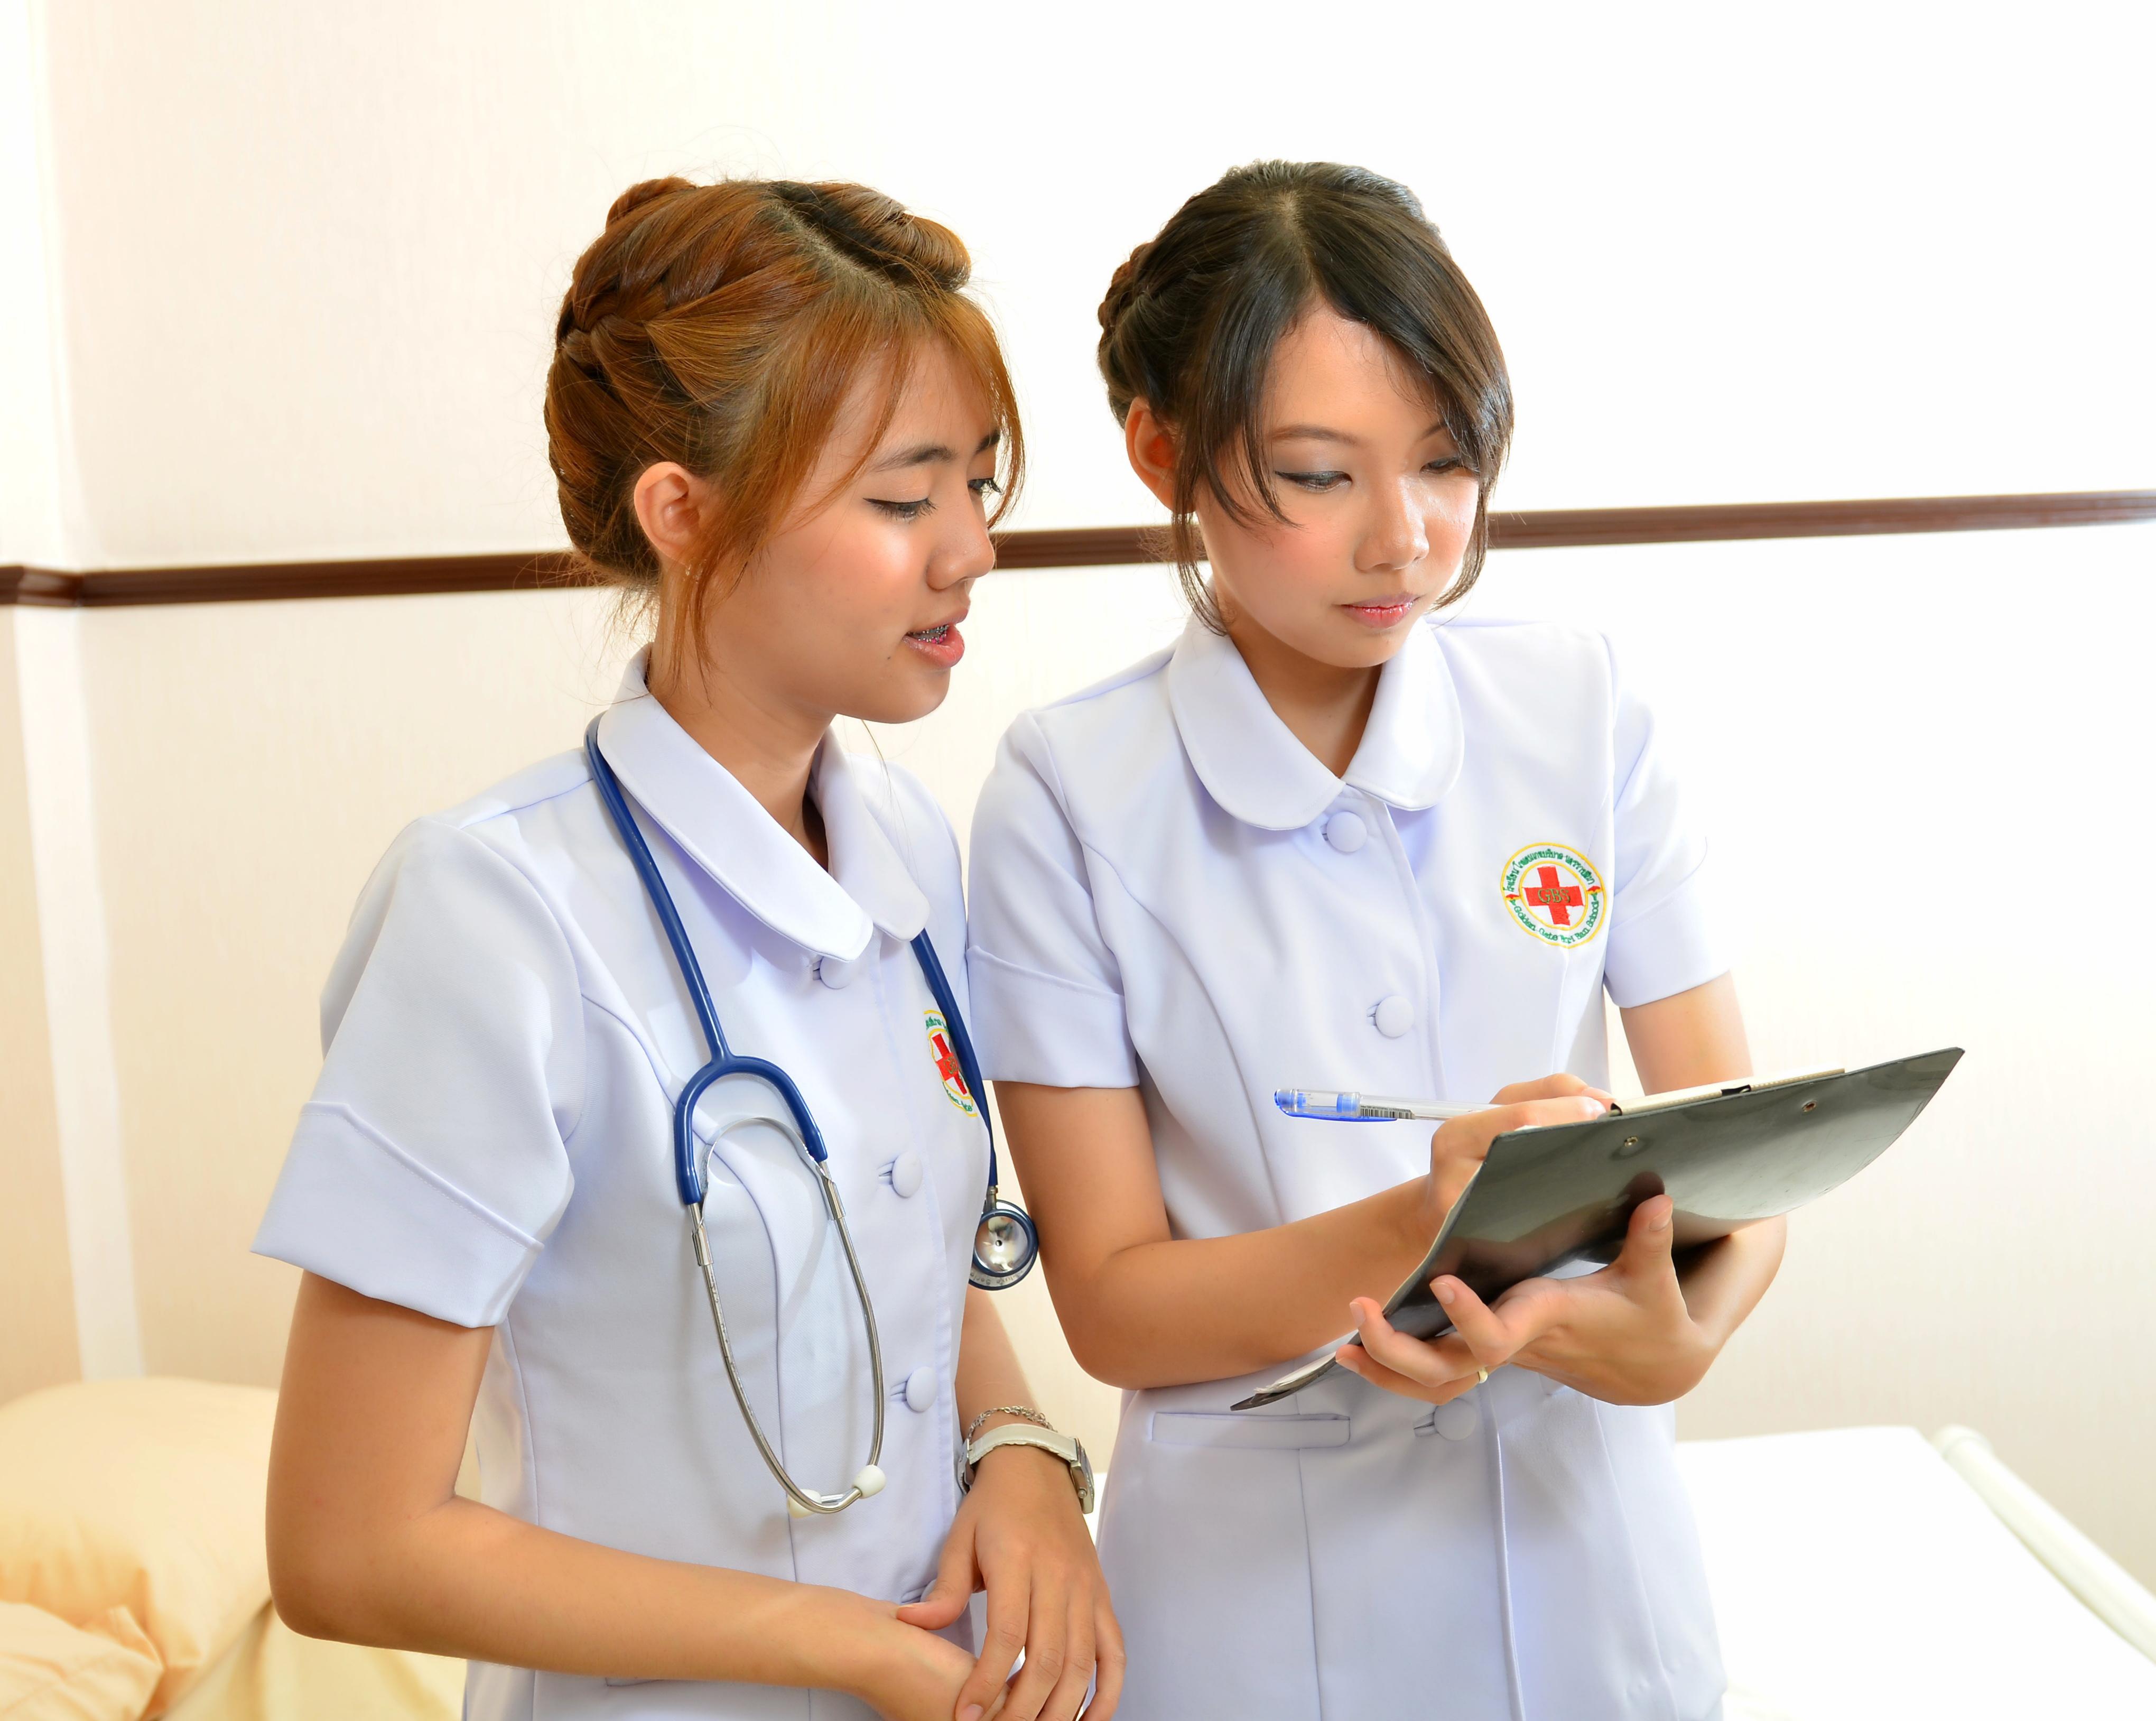 เรียนผู้ช่วยพยาบาล บริบาล